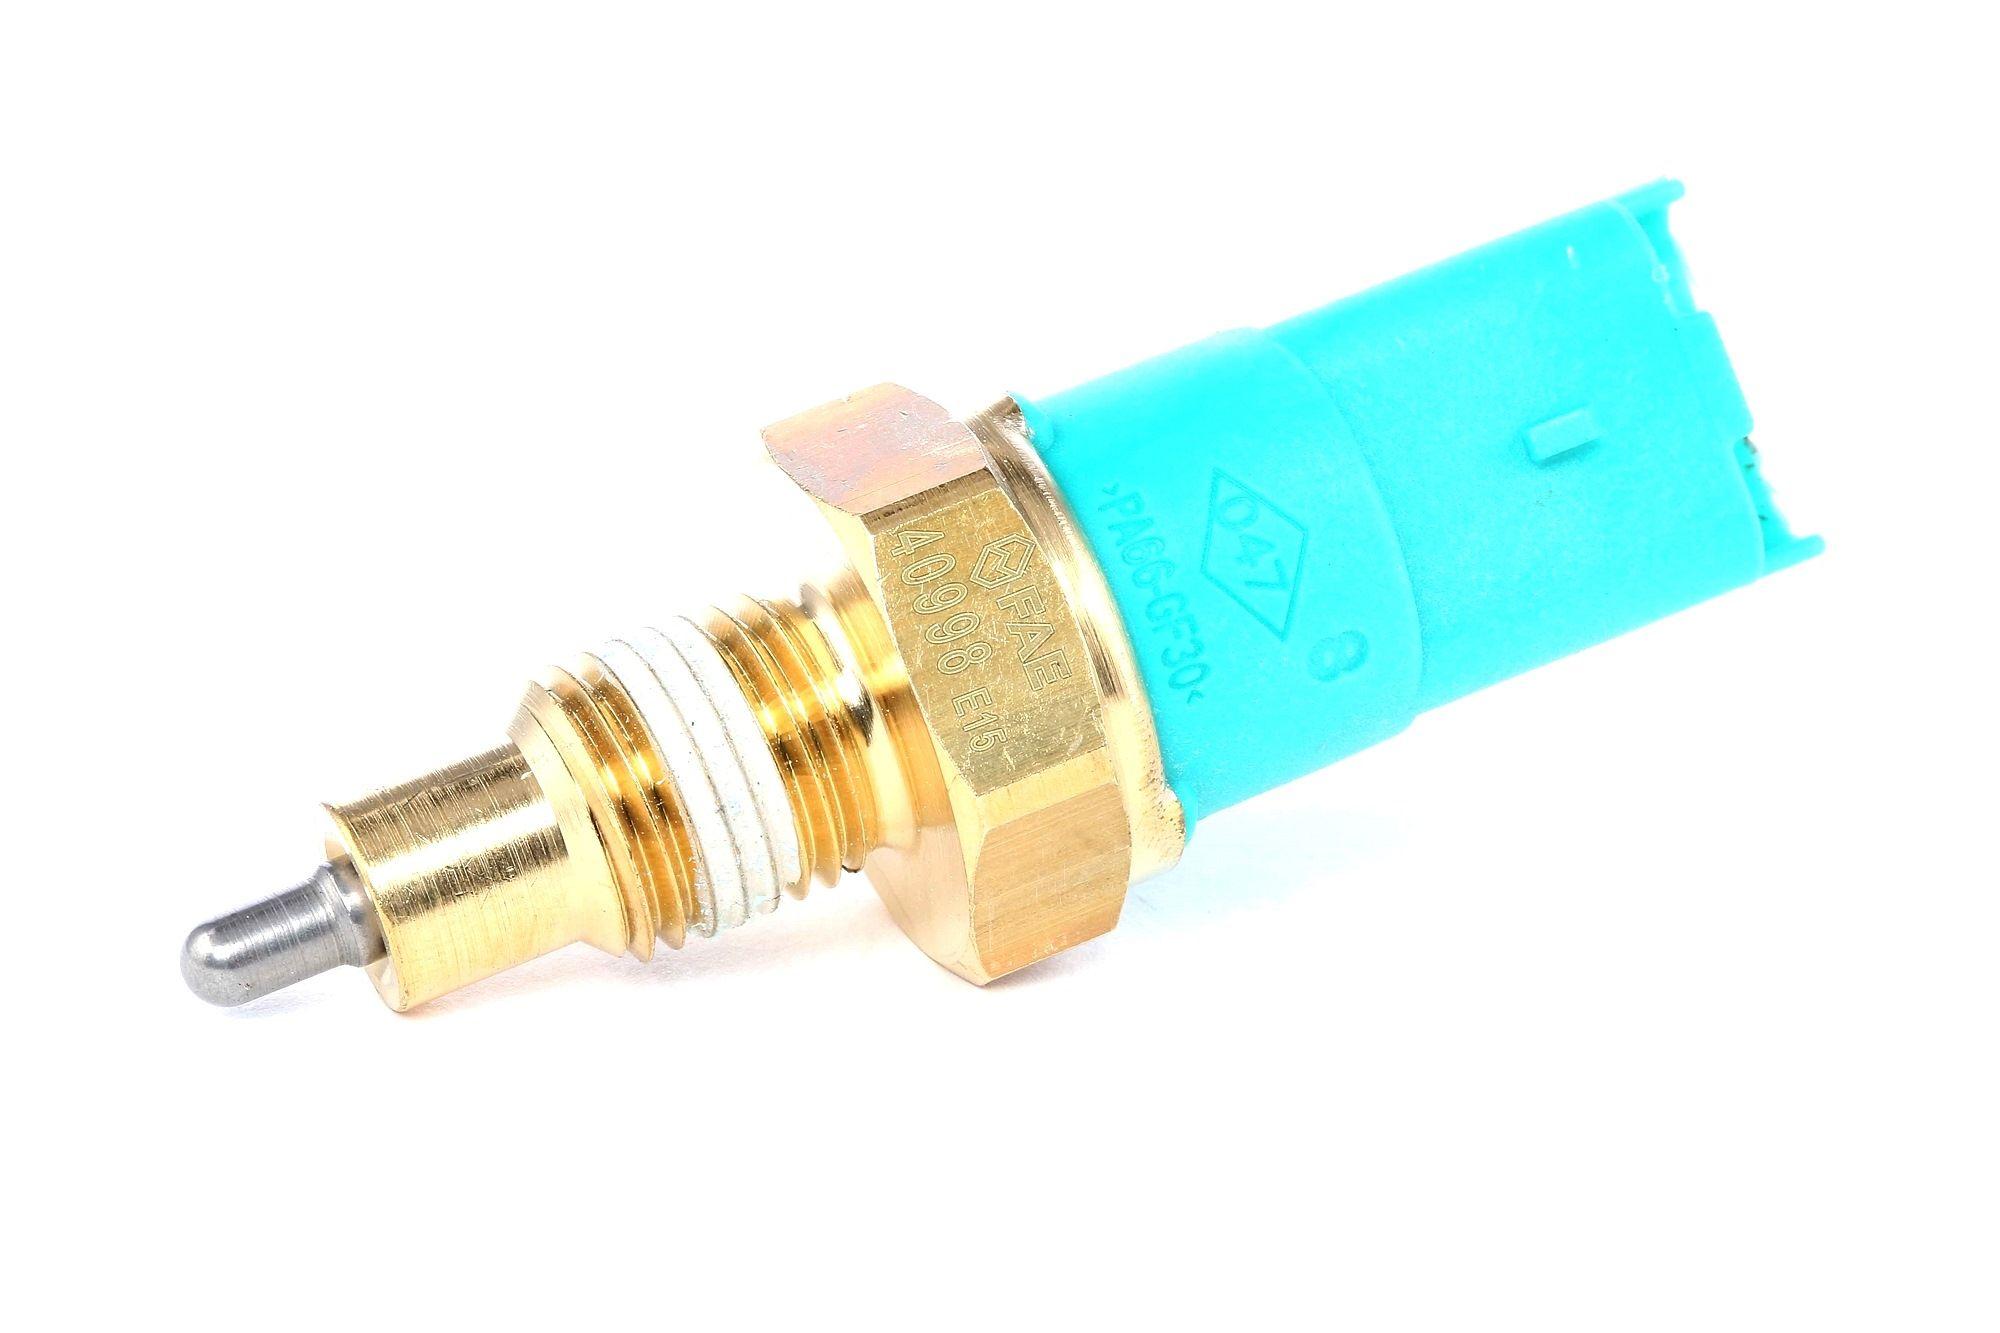 FAE 40998 (Nombres de pôles: 3pôle) : Capteurs, relais, unités de commande Twingo c06 2011